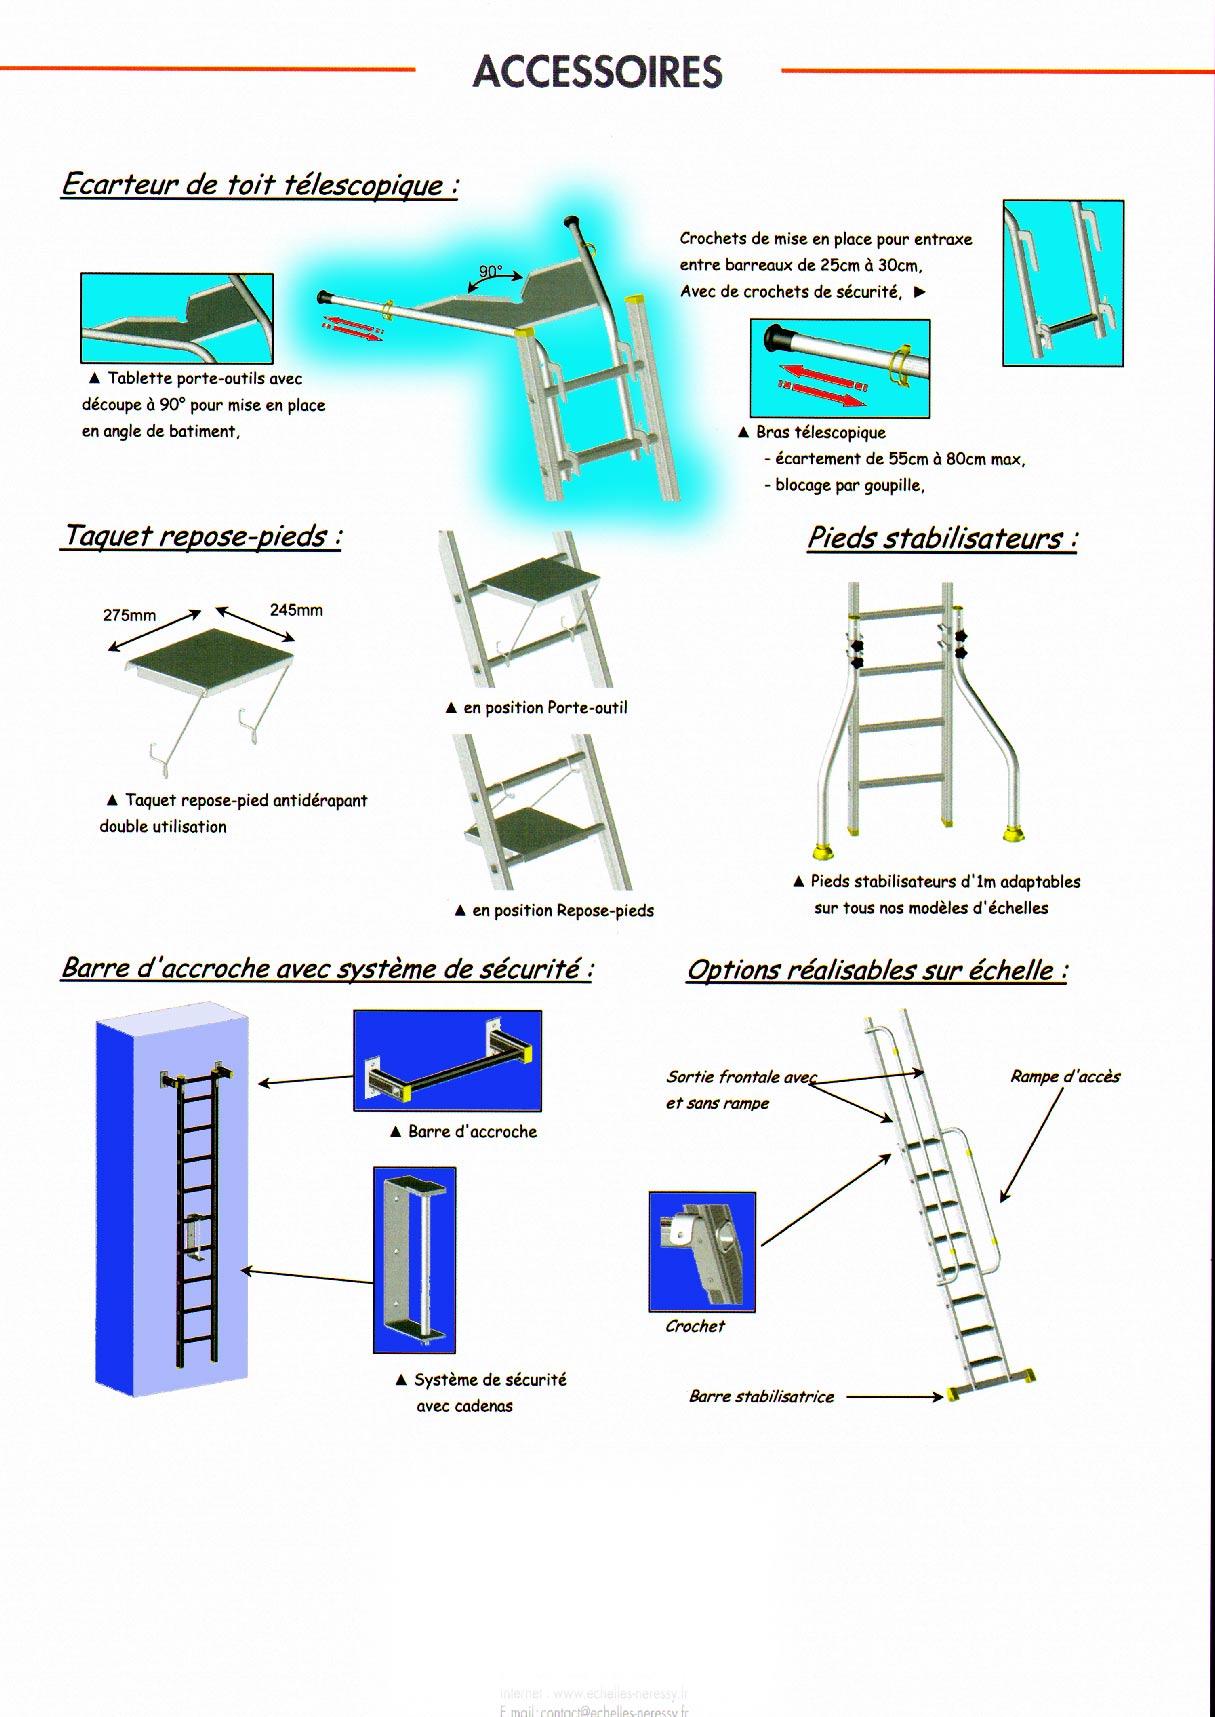 echafaudage photo du catalogue 2010 des carteurs de toit et carteur de mur. Black Bedroom Furniture Sets. Home Design Ideas